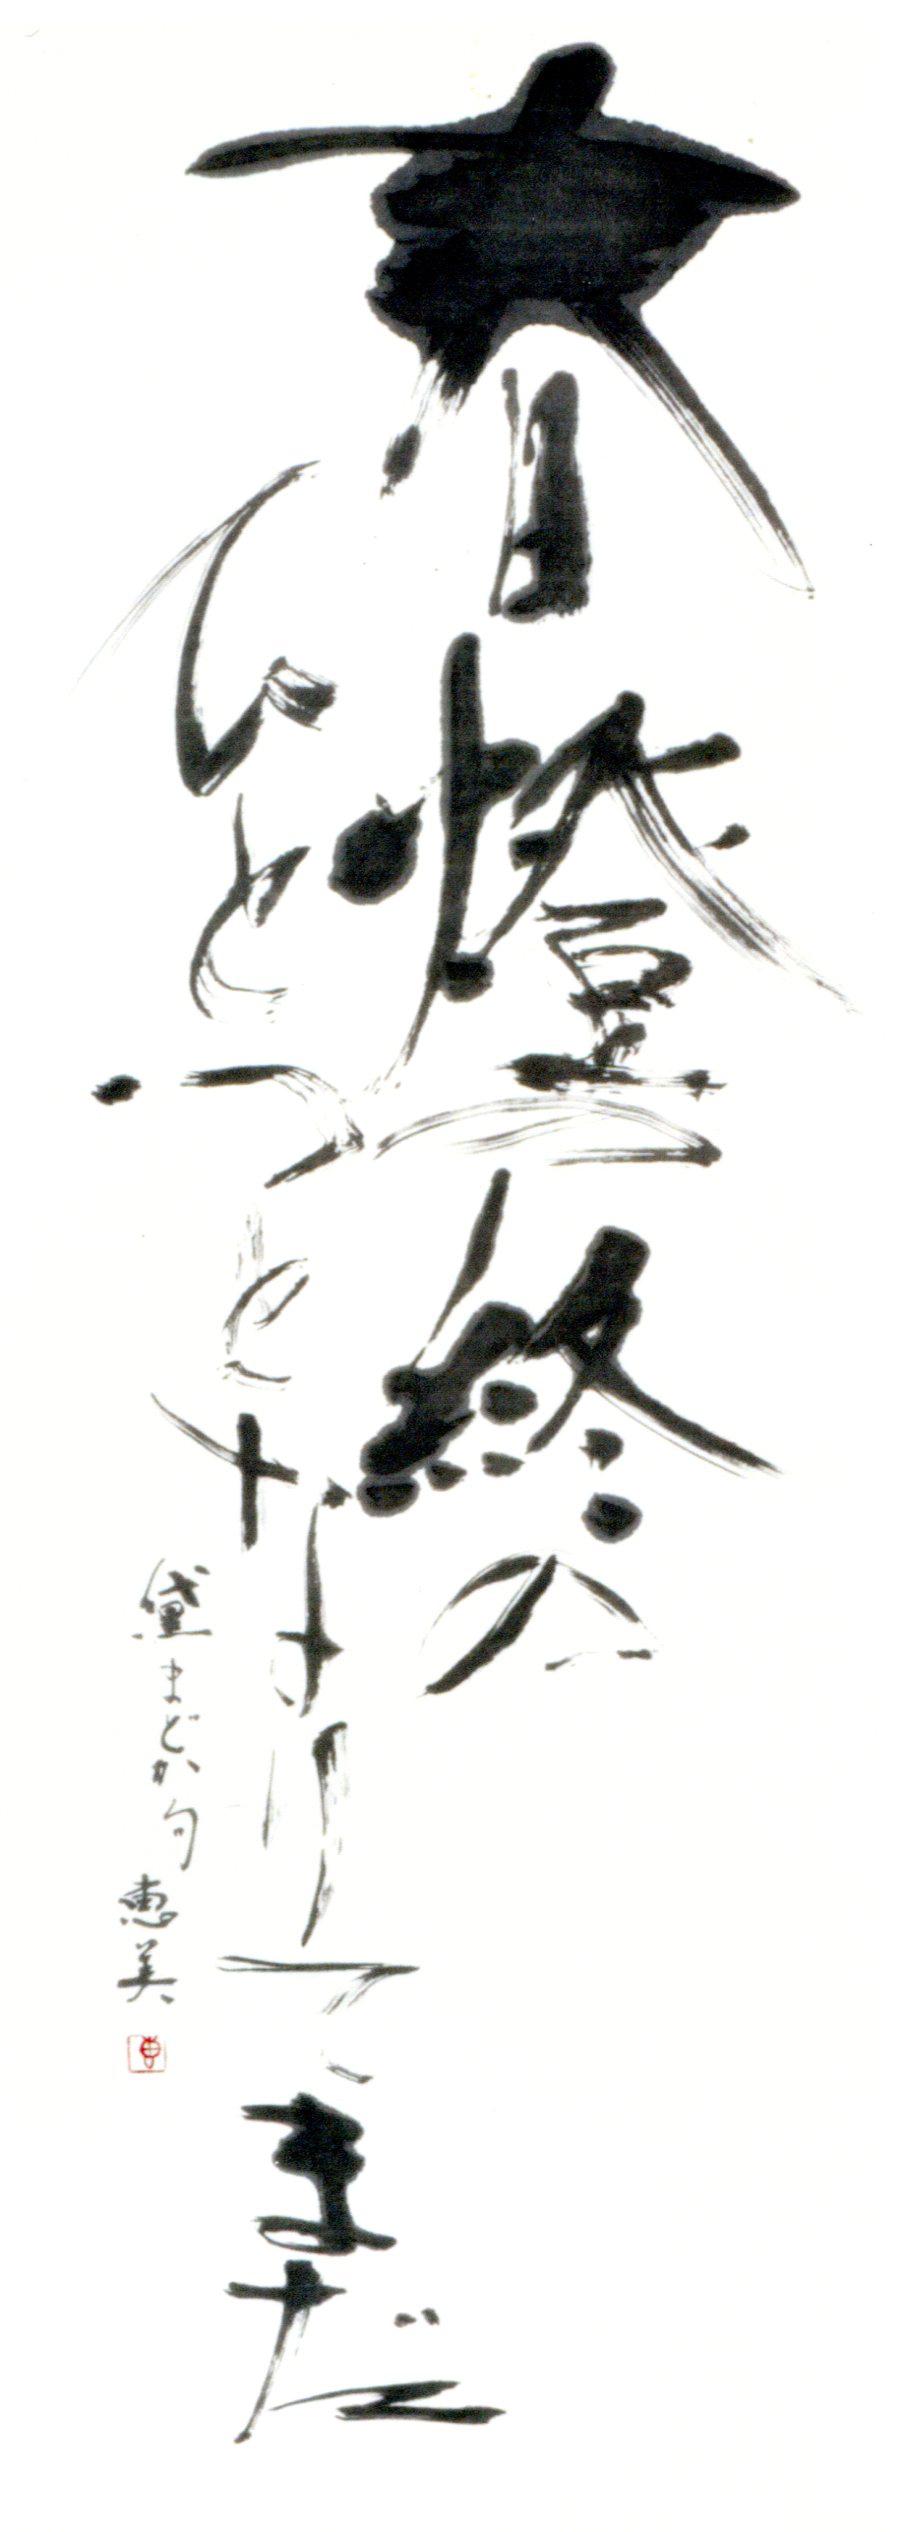 飯島恵美子 作品